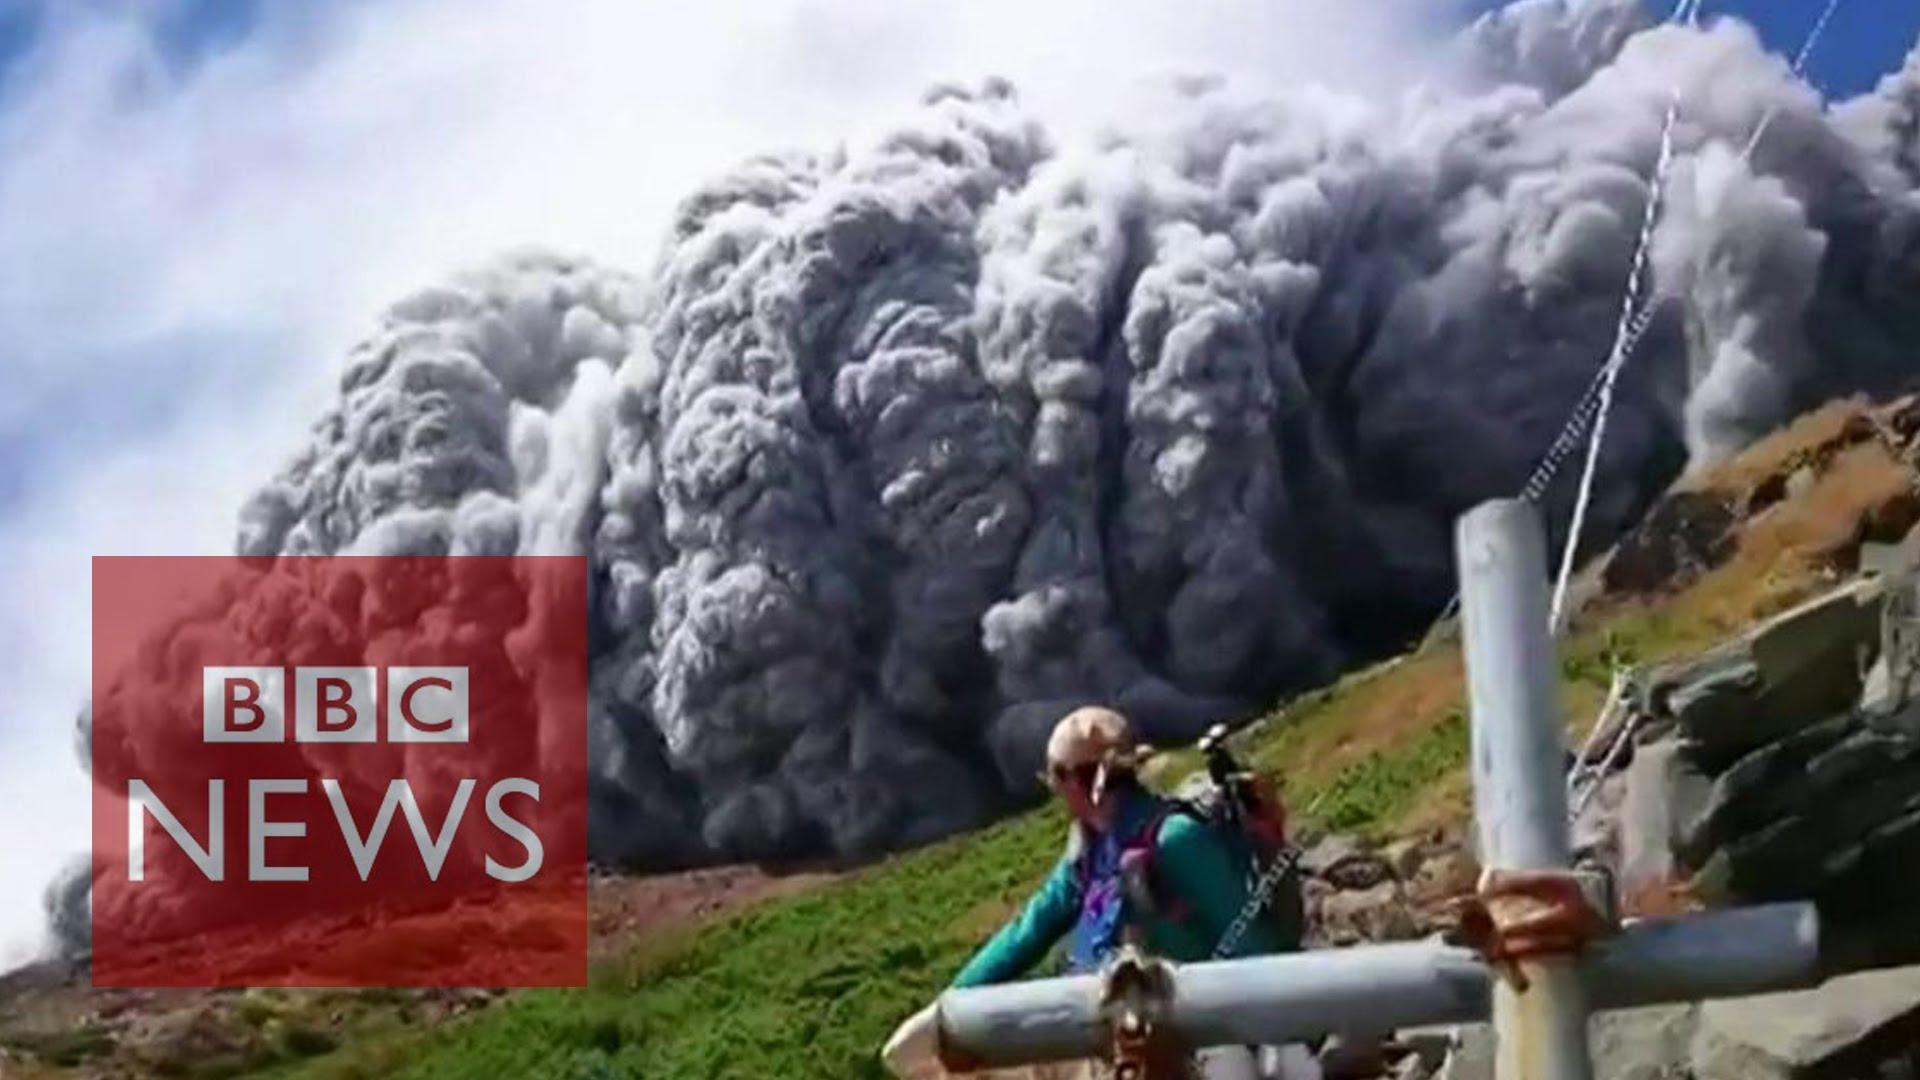 火山爆發新聞英文,生死一瞬間!御嶽山現場直擊